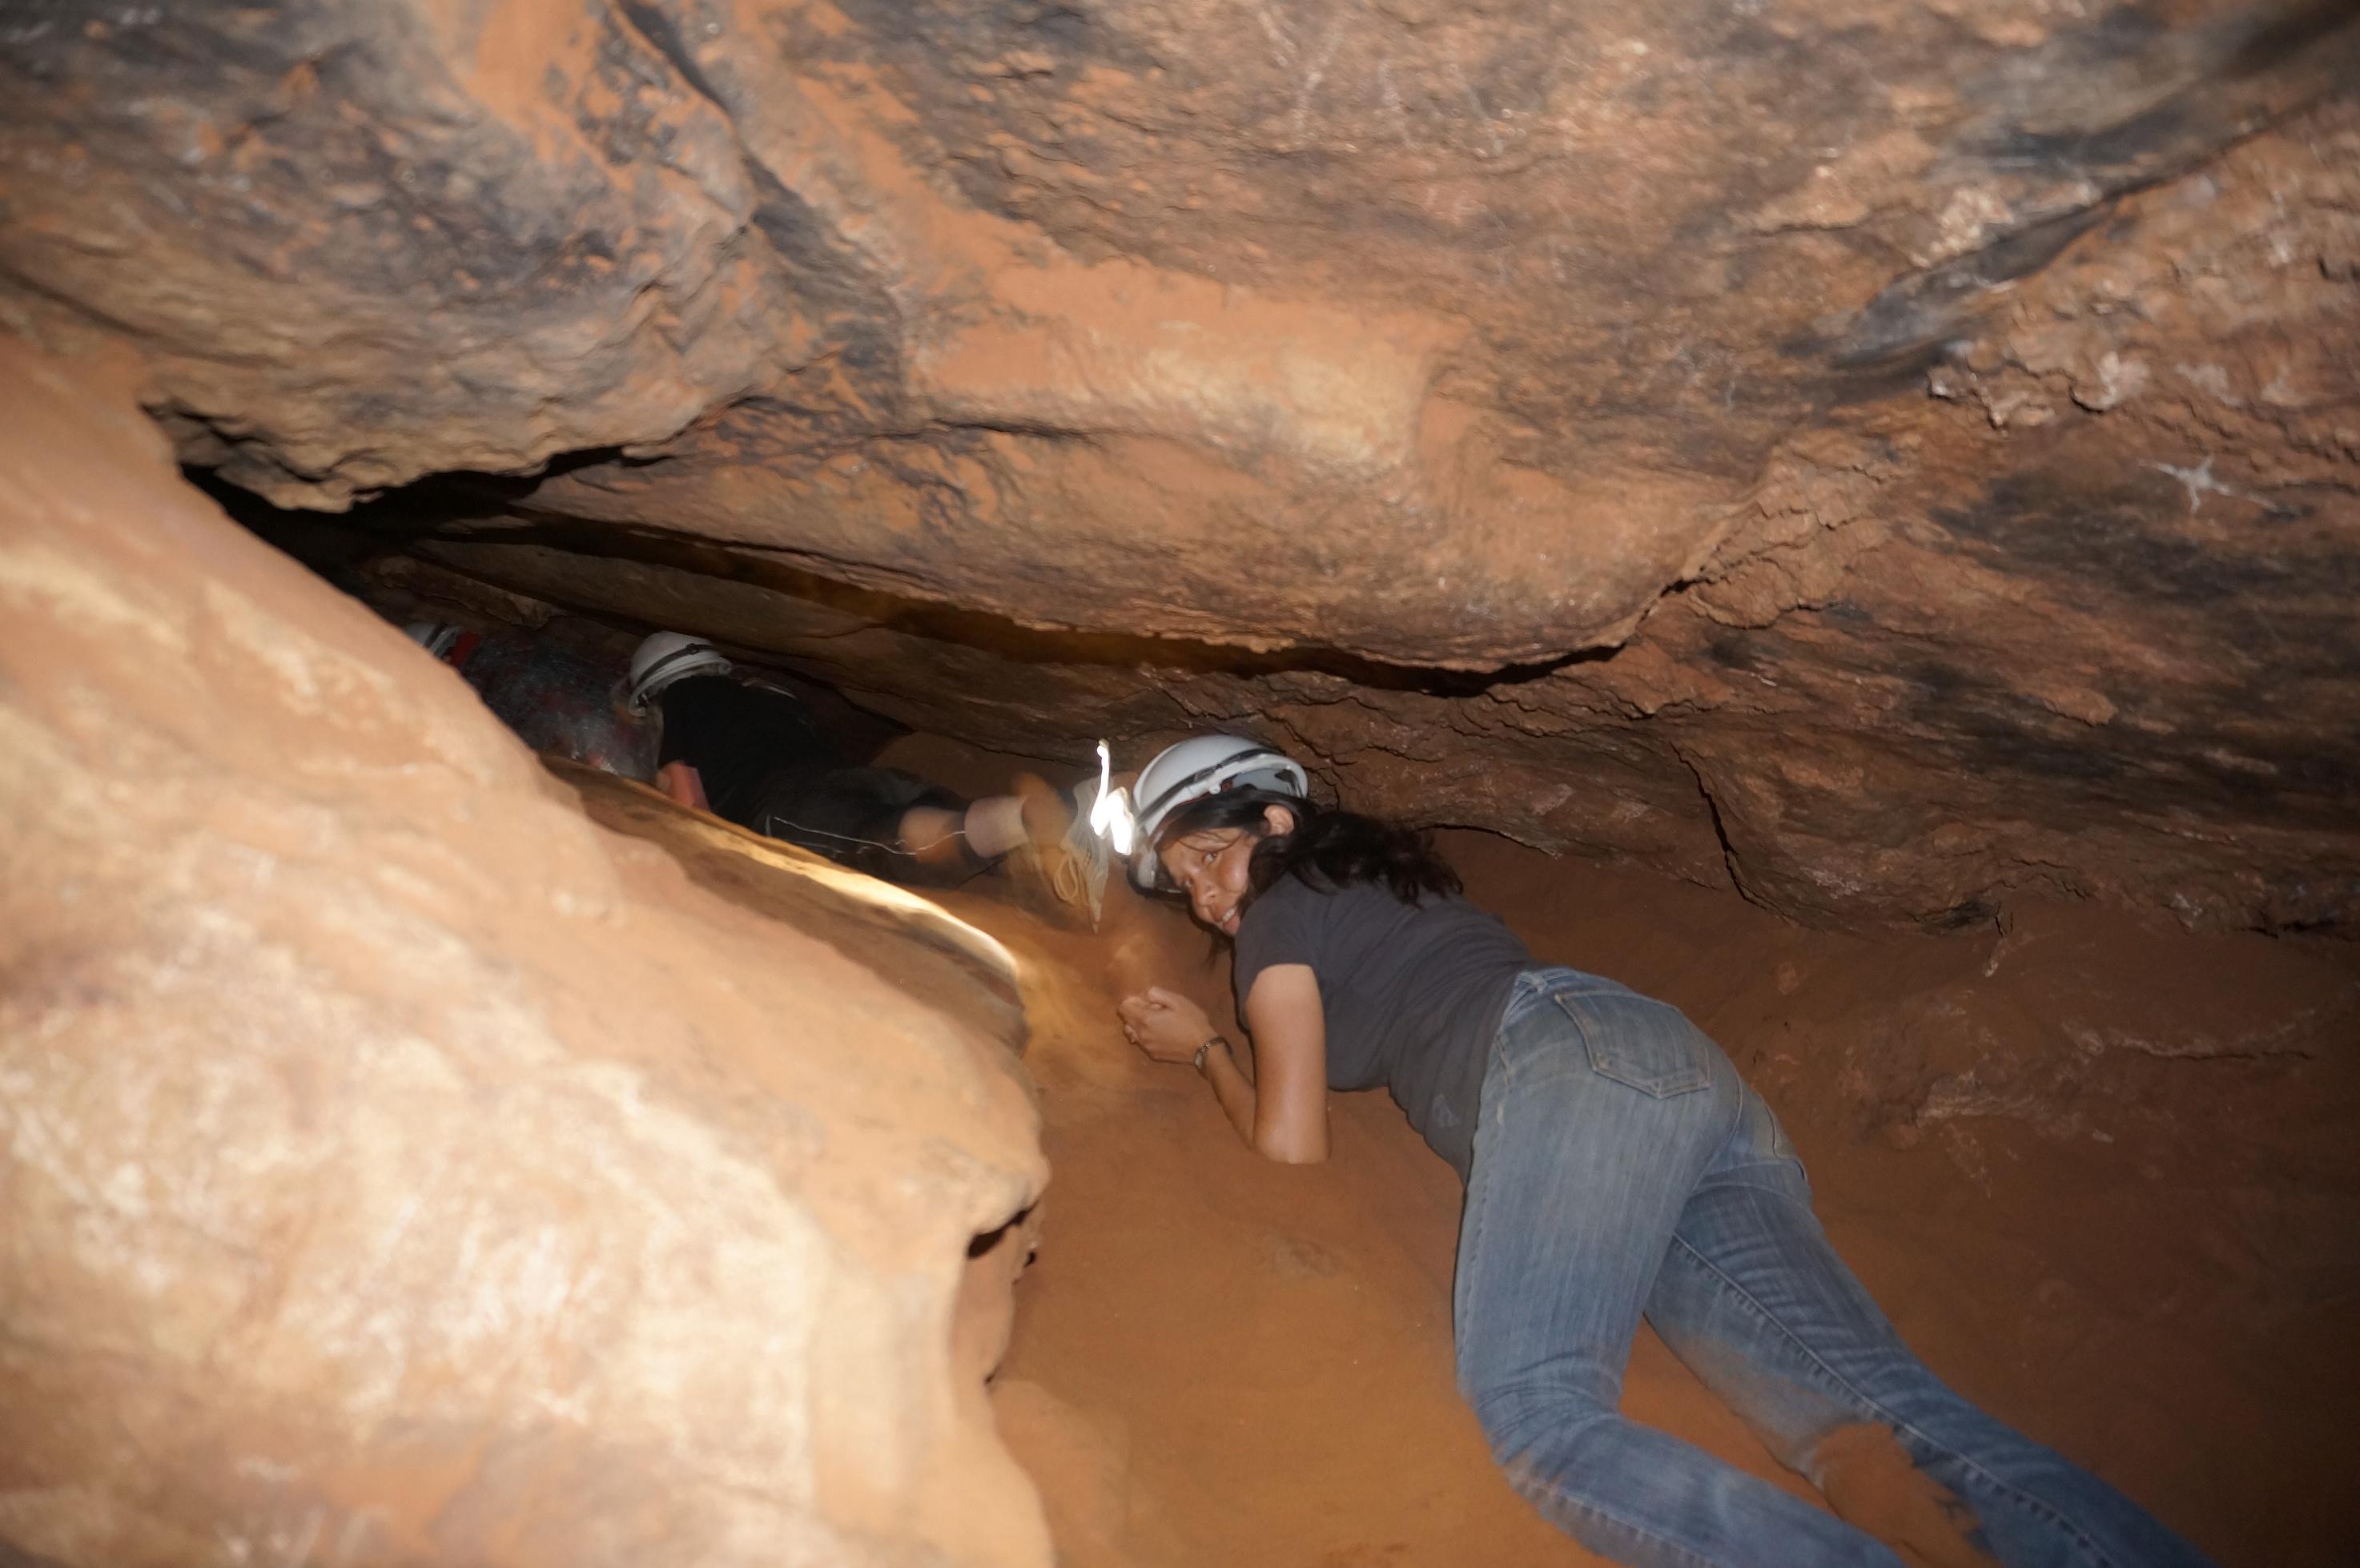 Αποτέλεσμα εικόνας για Why they came into the cave